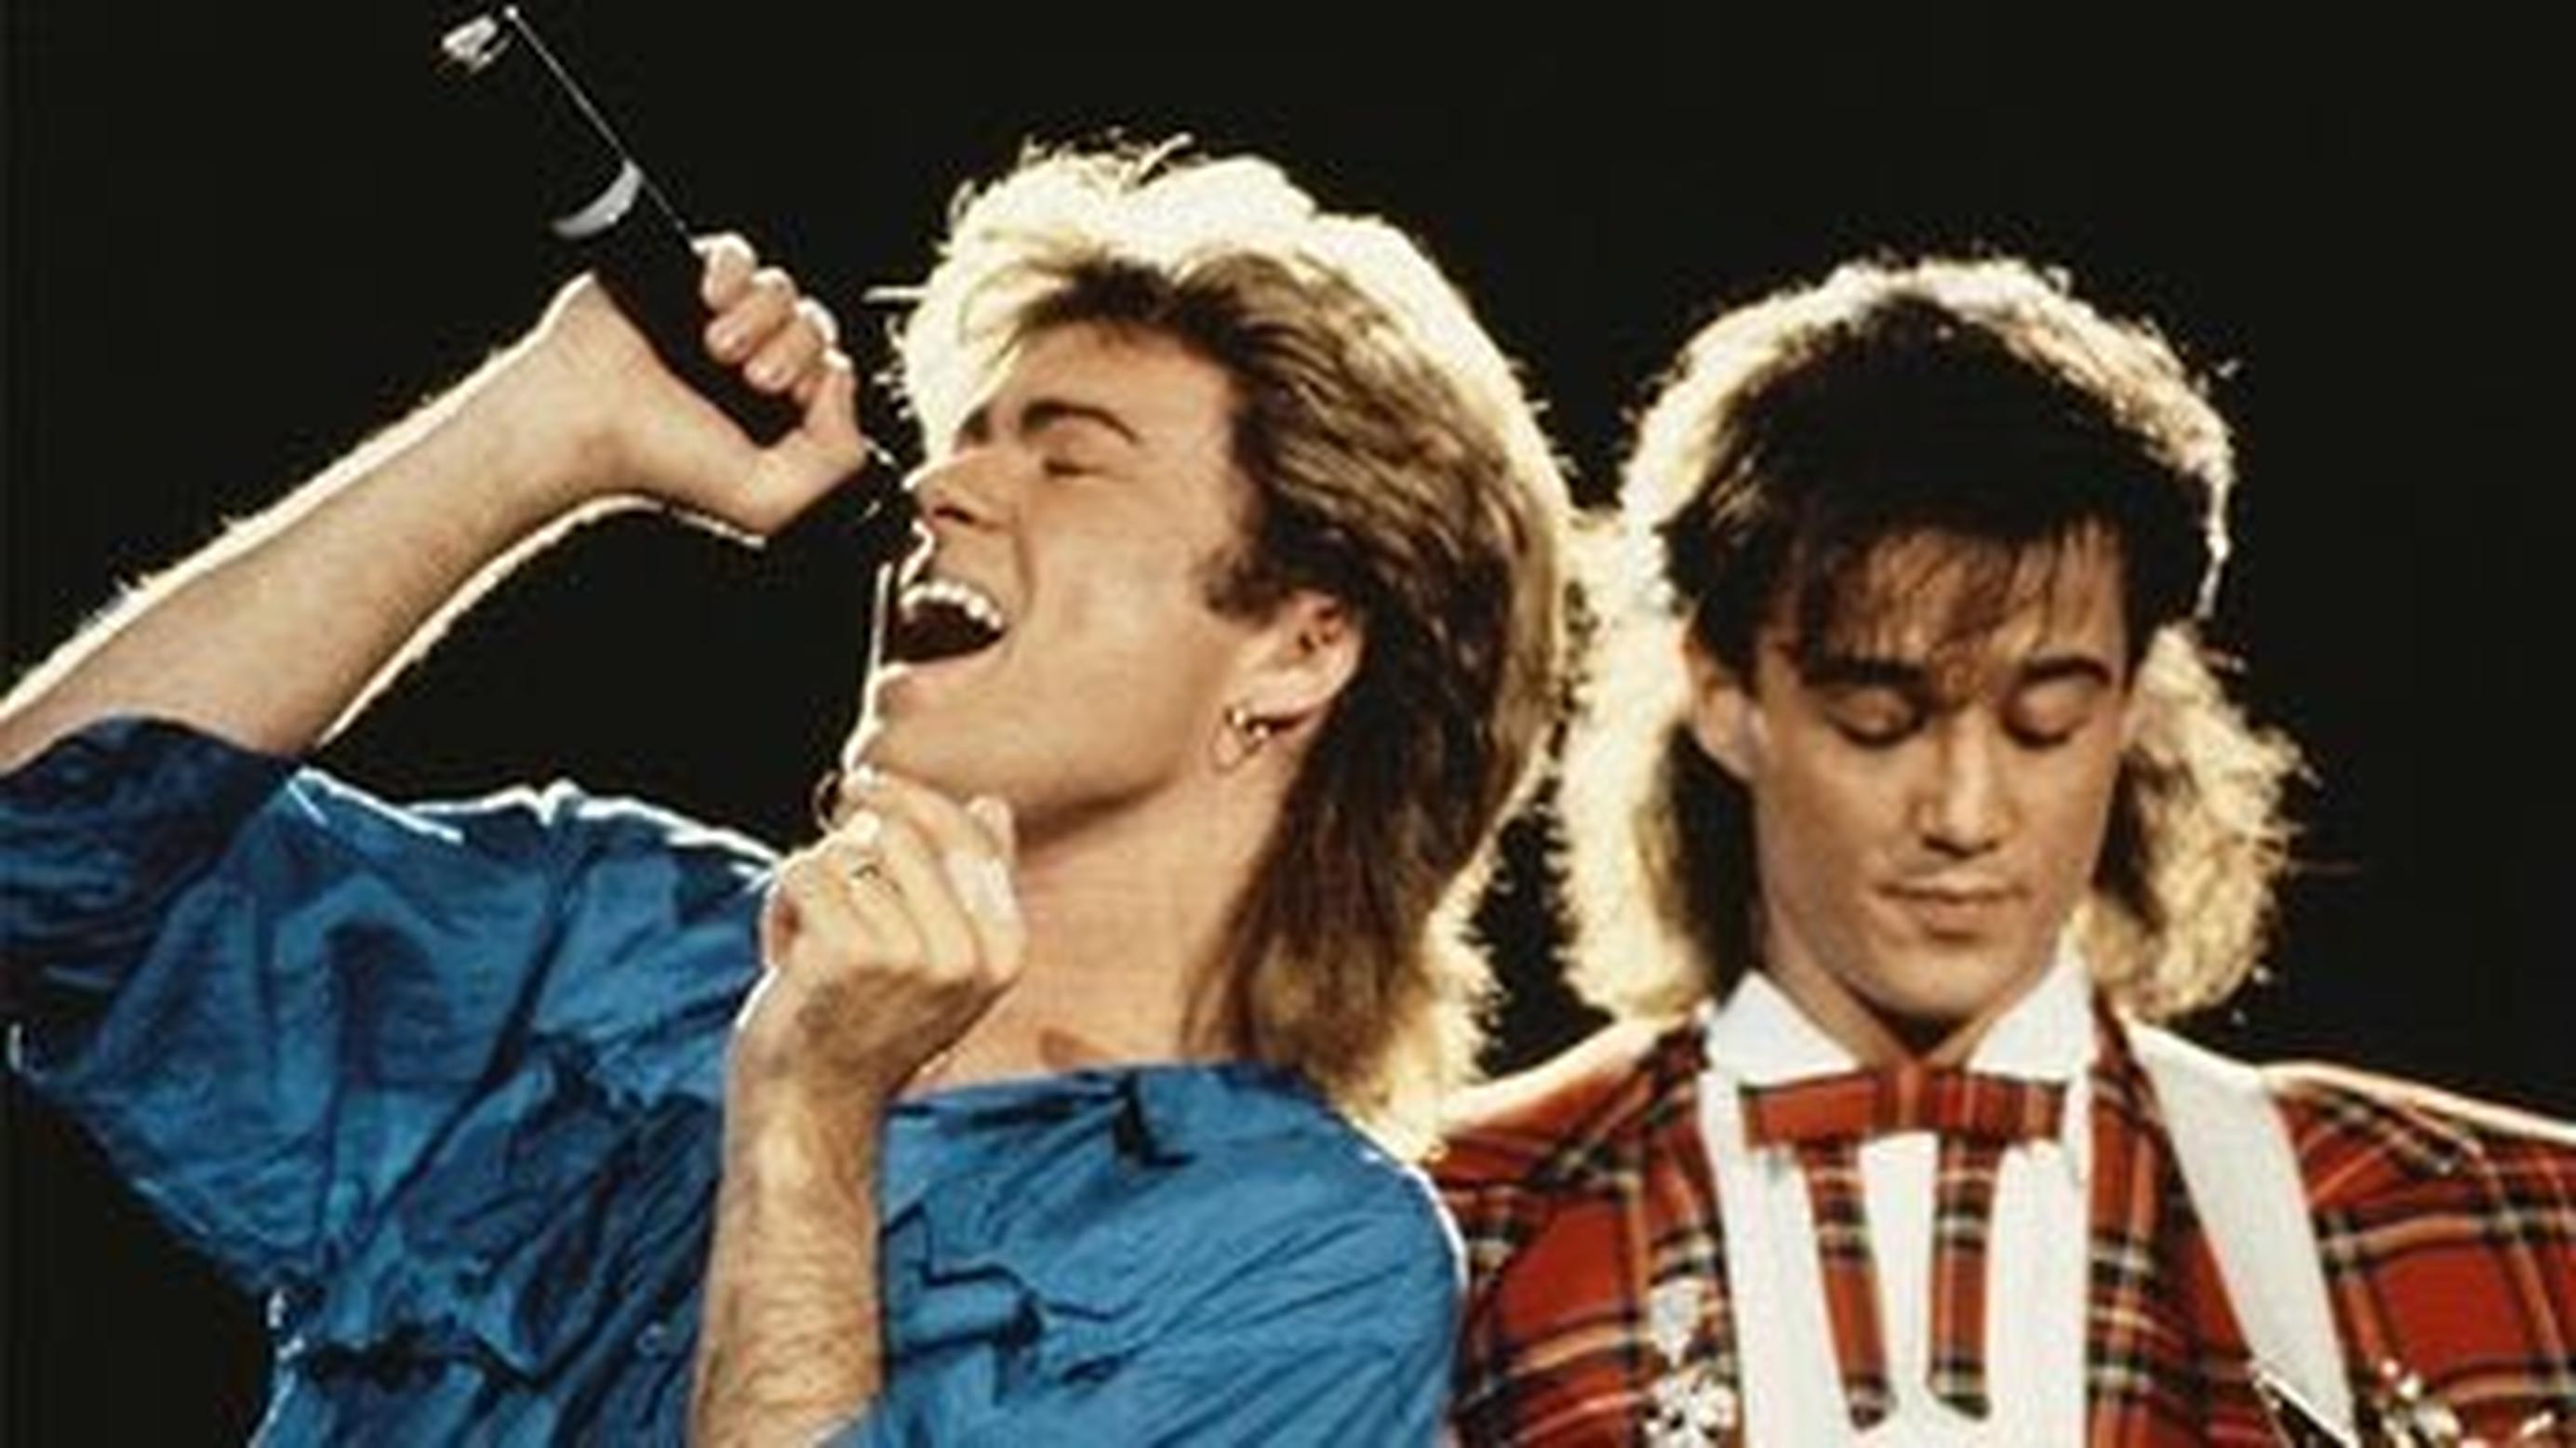 Terapie prin muzică  Hiturile anilor '80 reduc stresul, reglează ritmul cardiac și scad tensiunea arterială